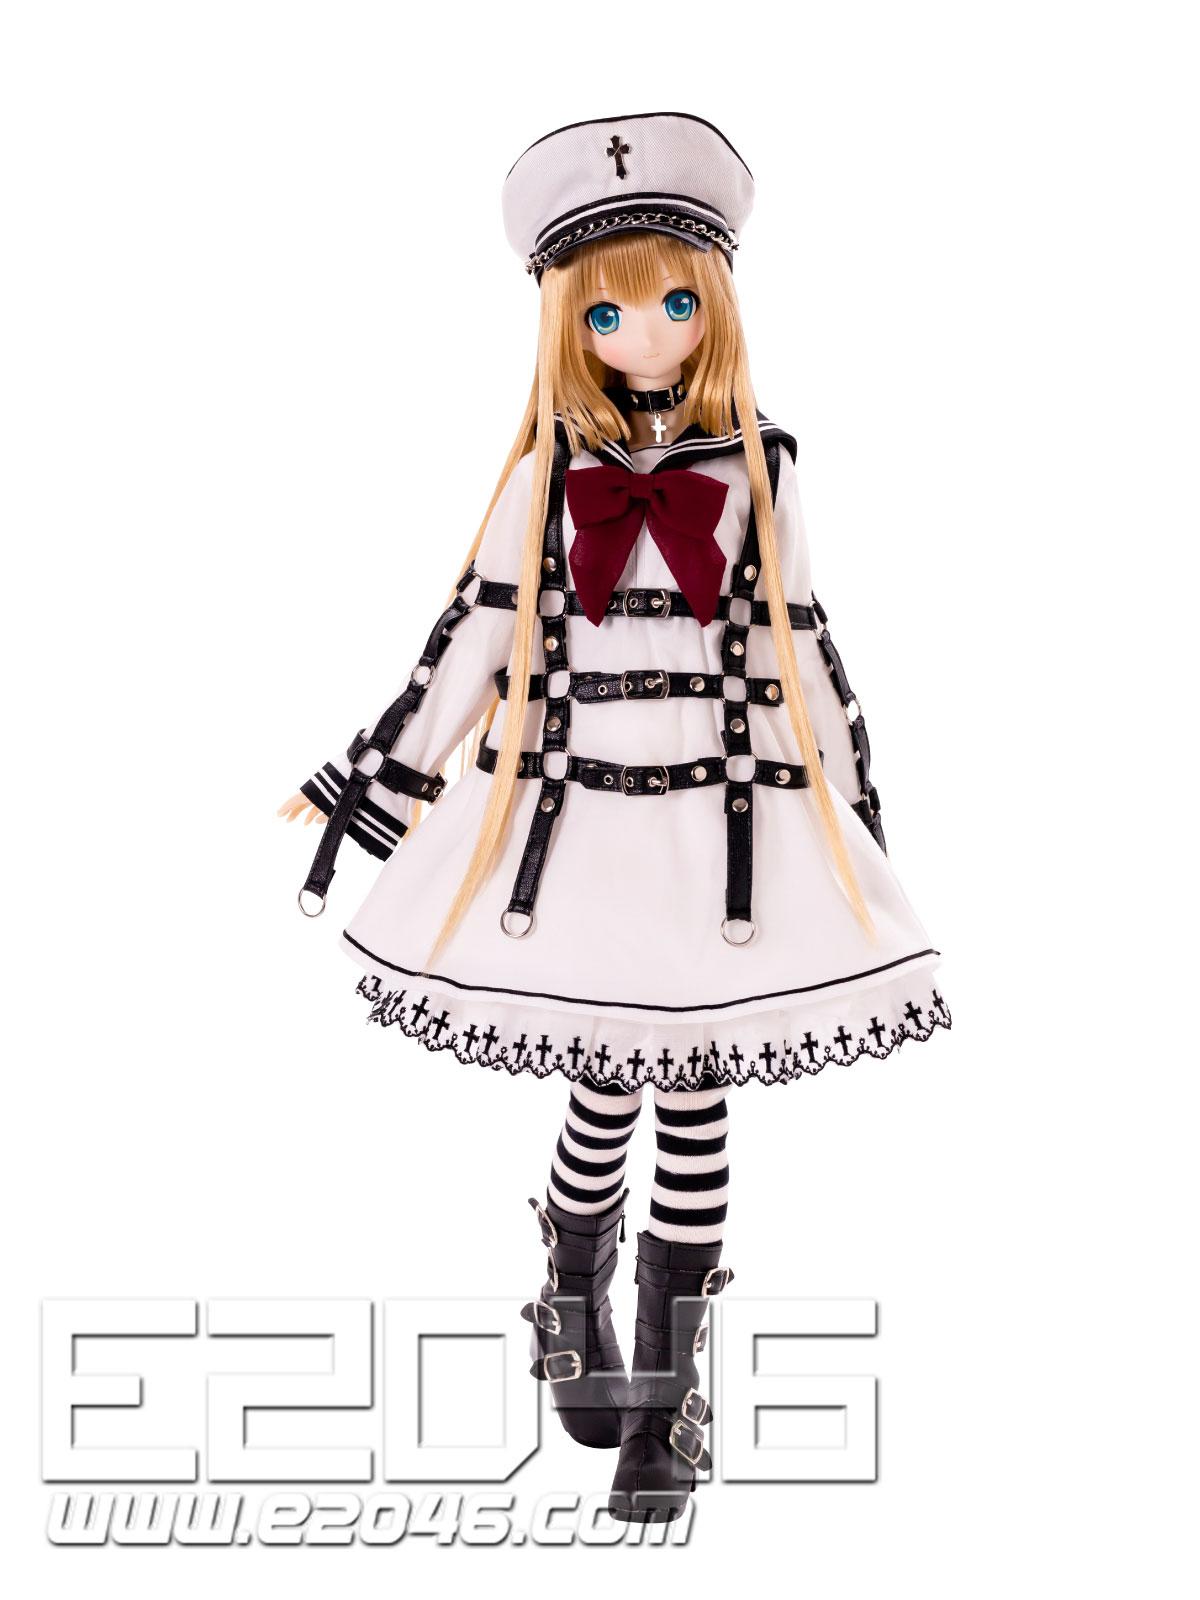 Kousoku Saint Girl (DOLL)